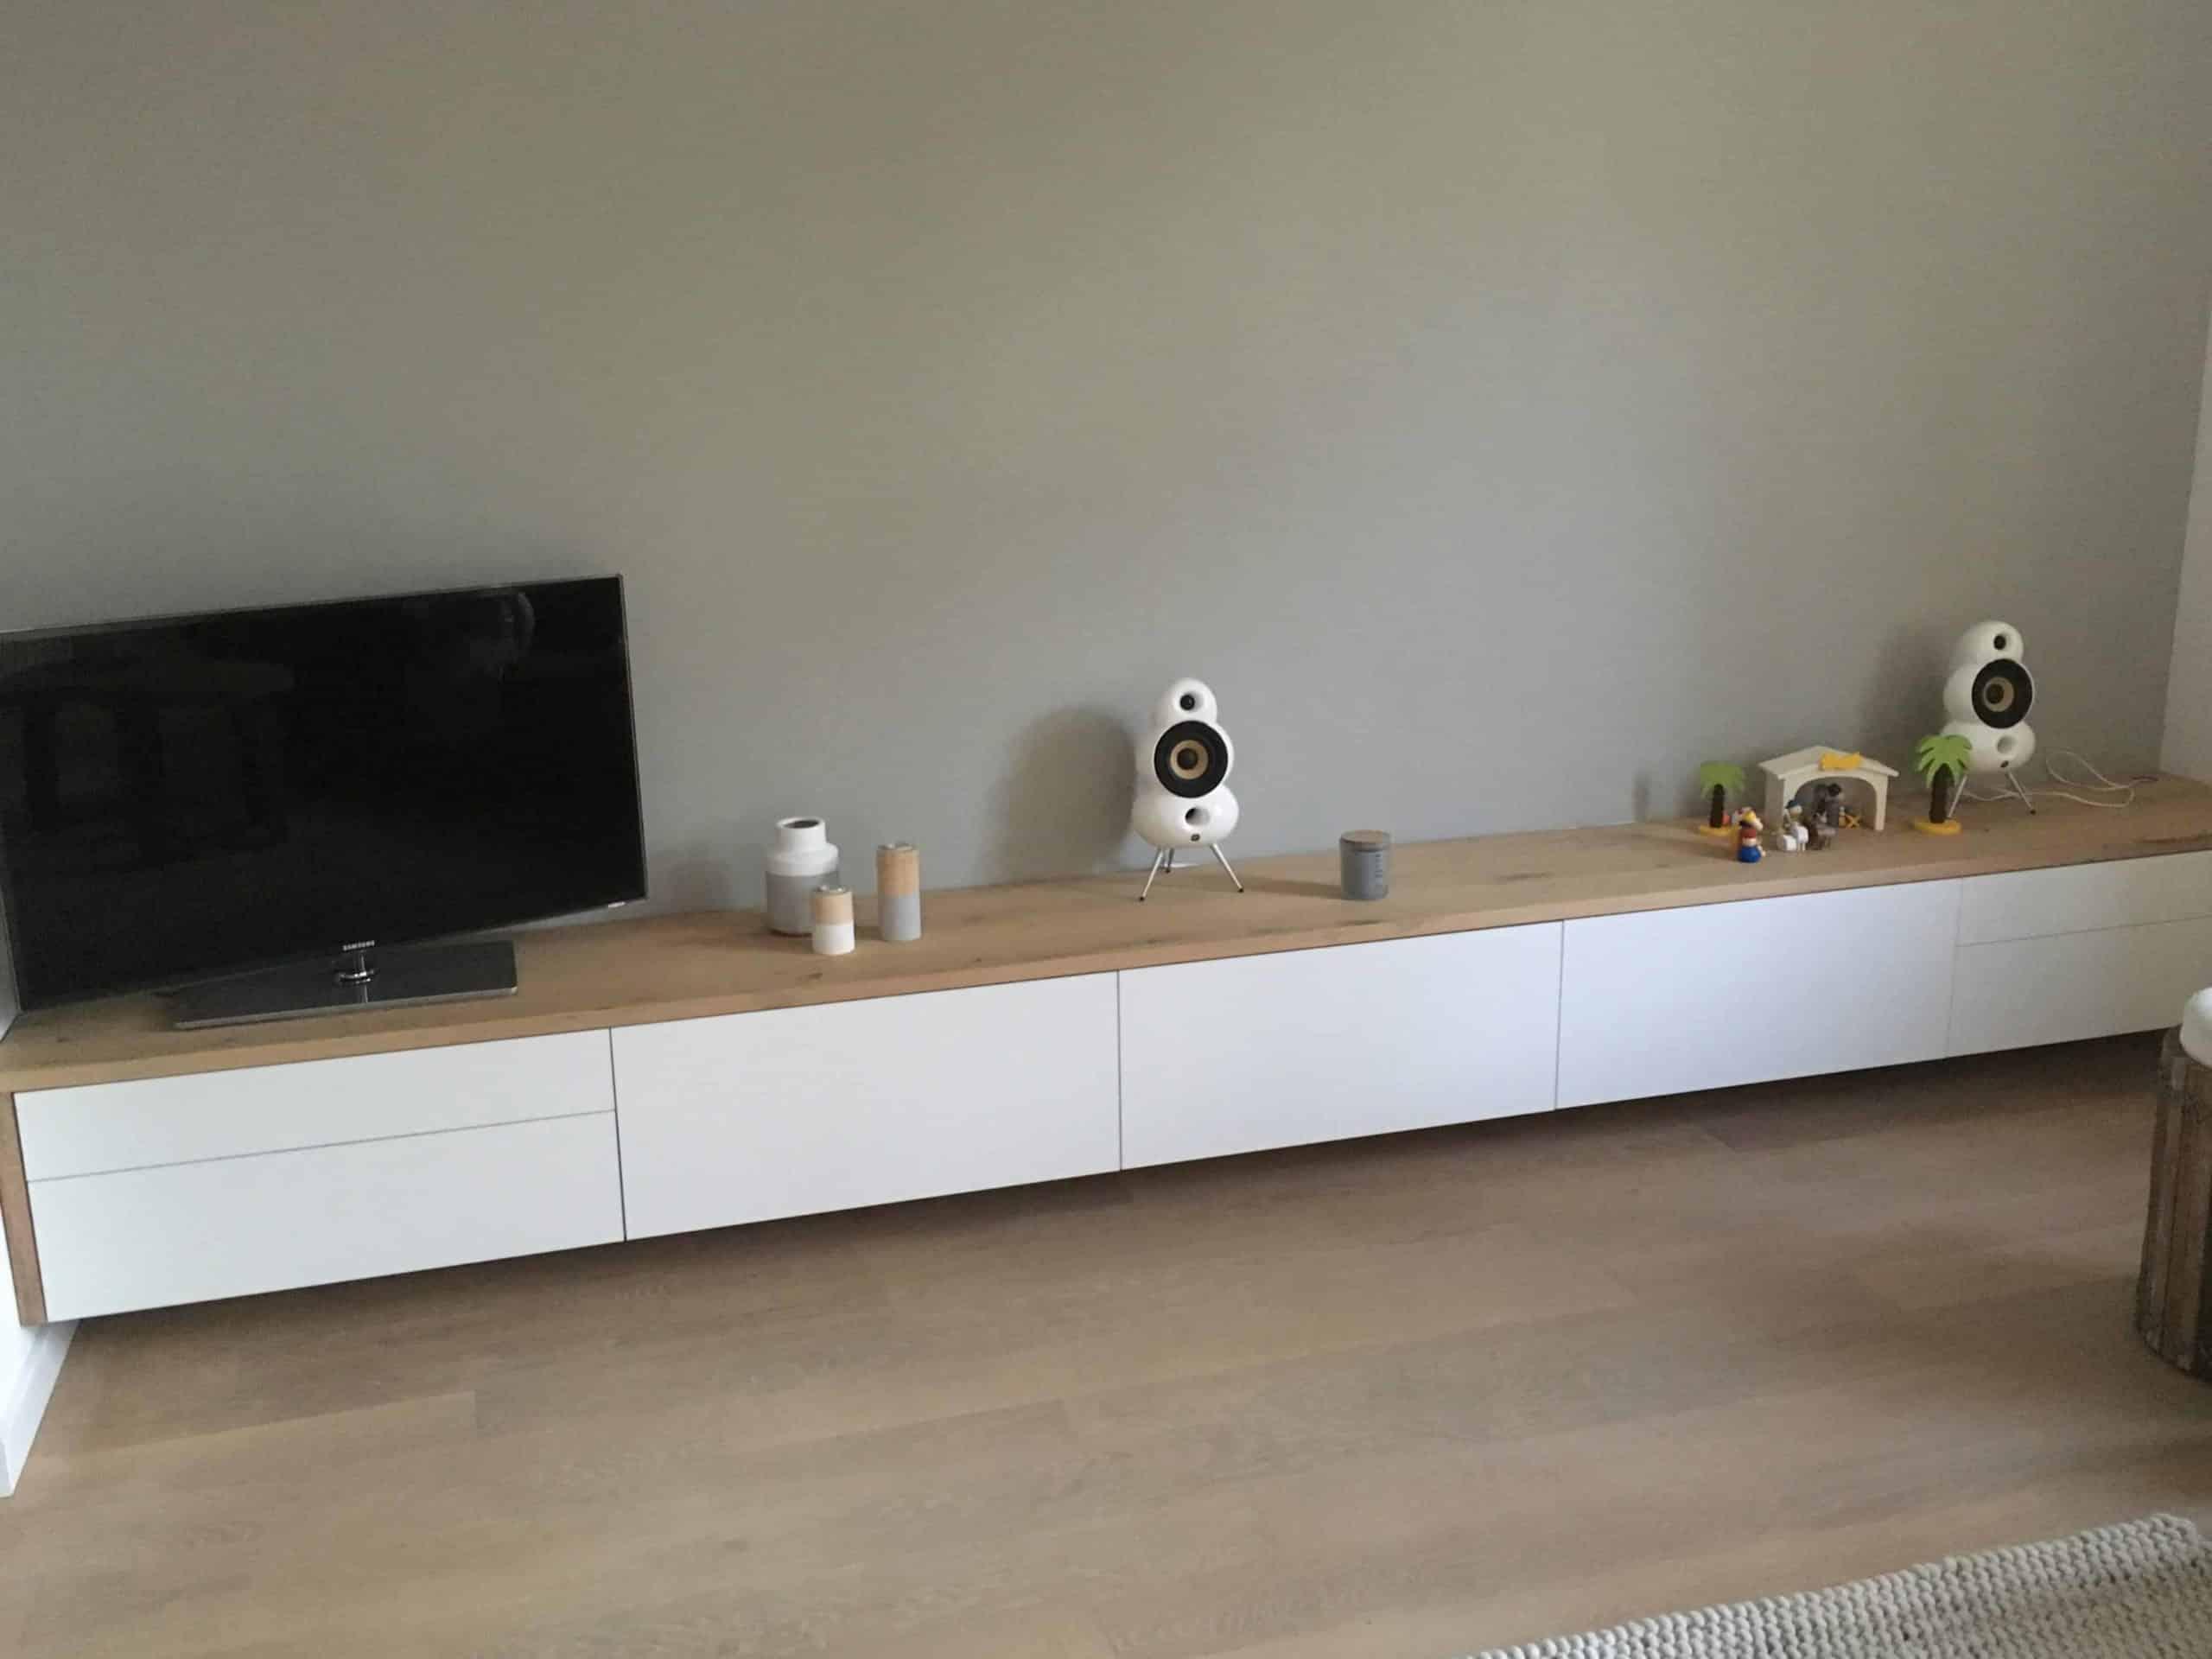 kasten tv meubel op maat|hout en vorm